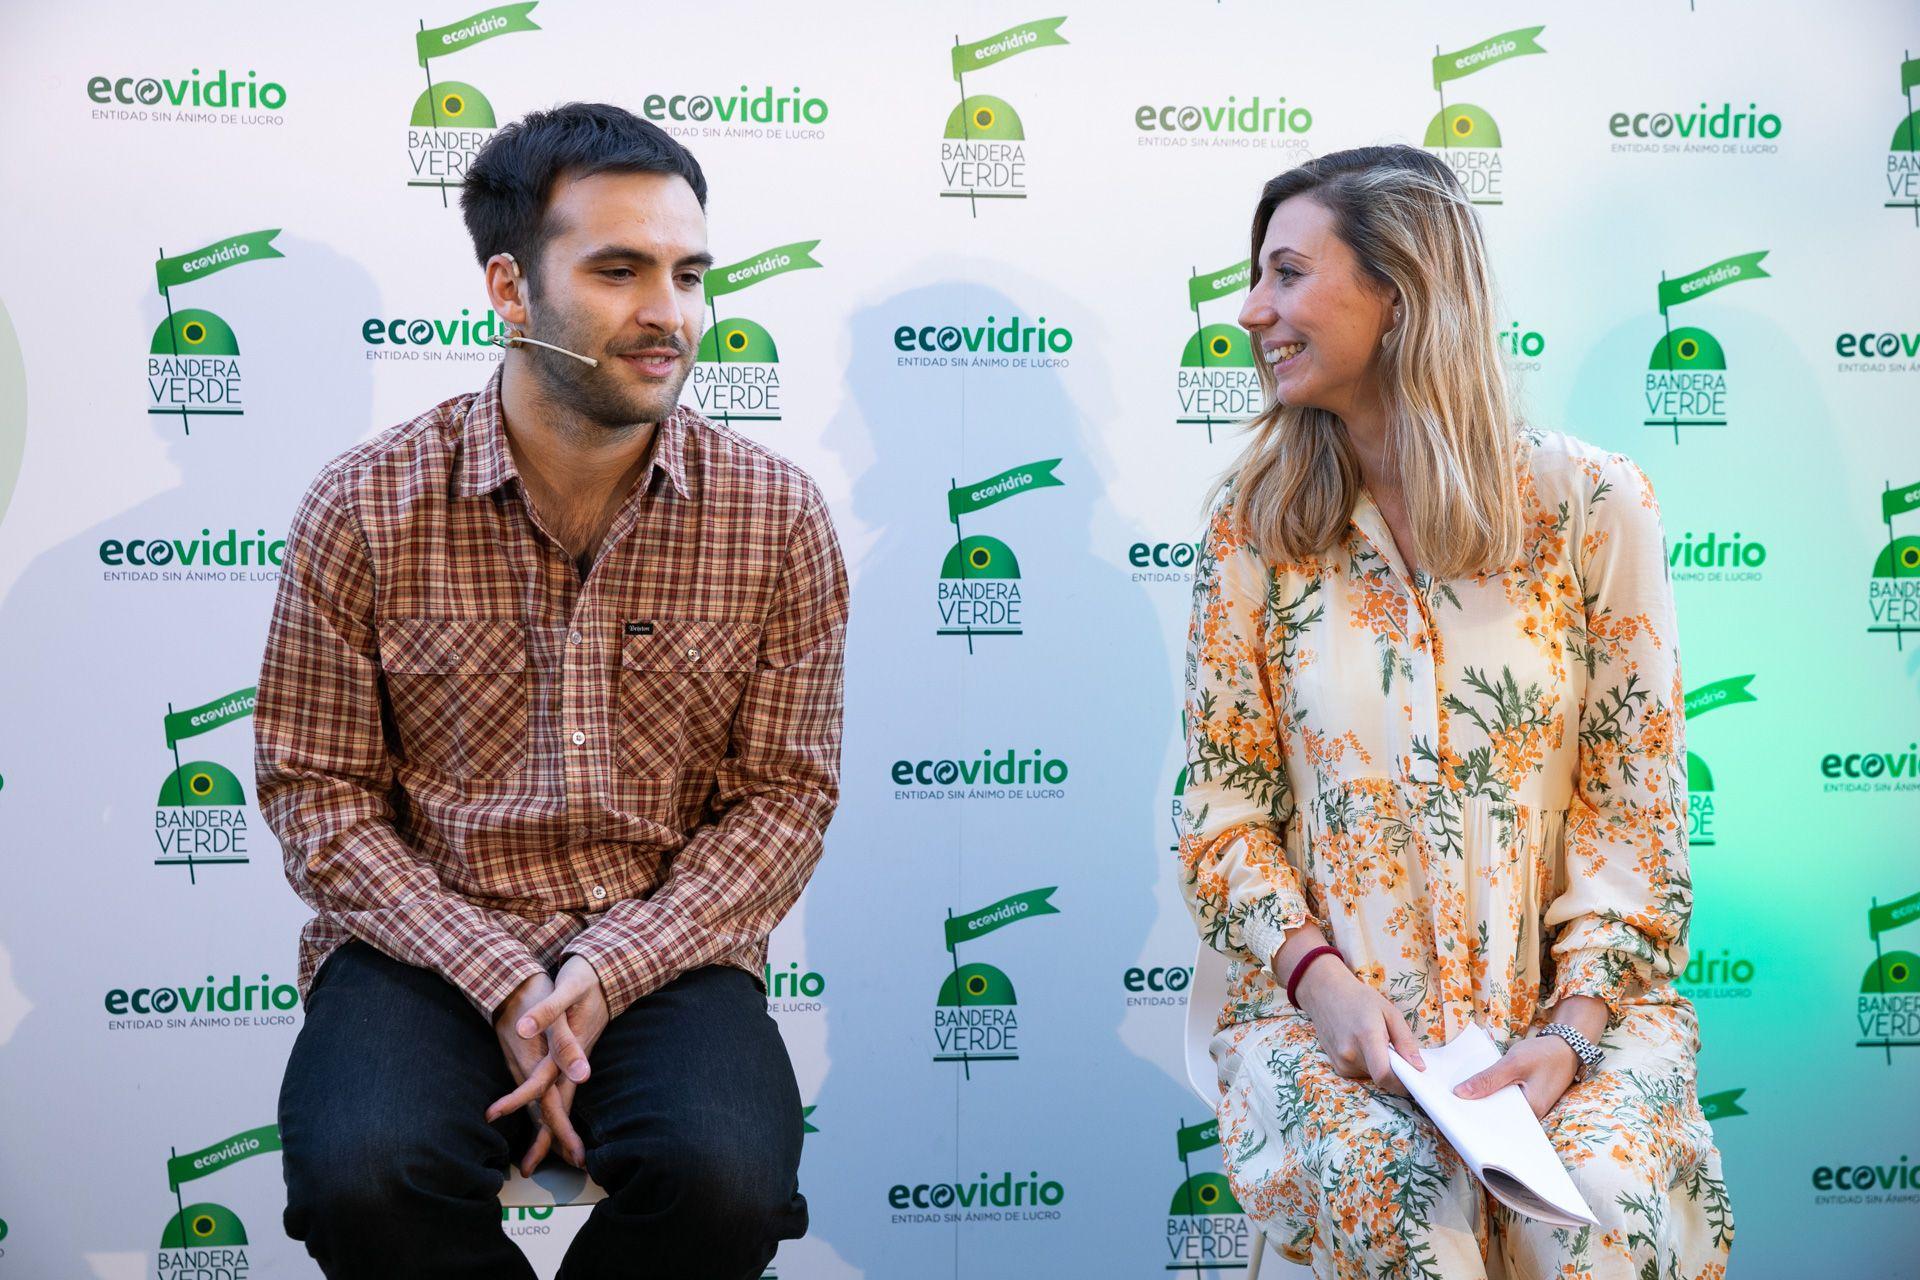 campaña de reciclaje - ricardo y beatriz de ecovidrio